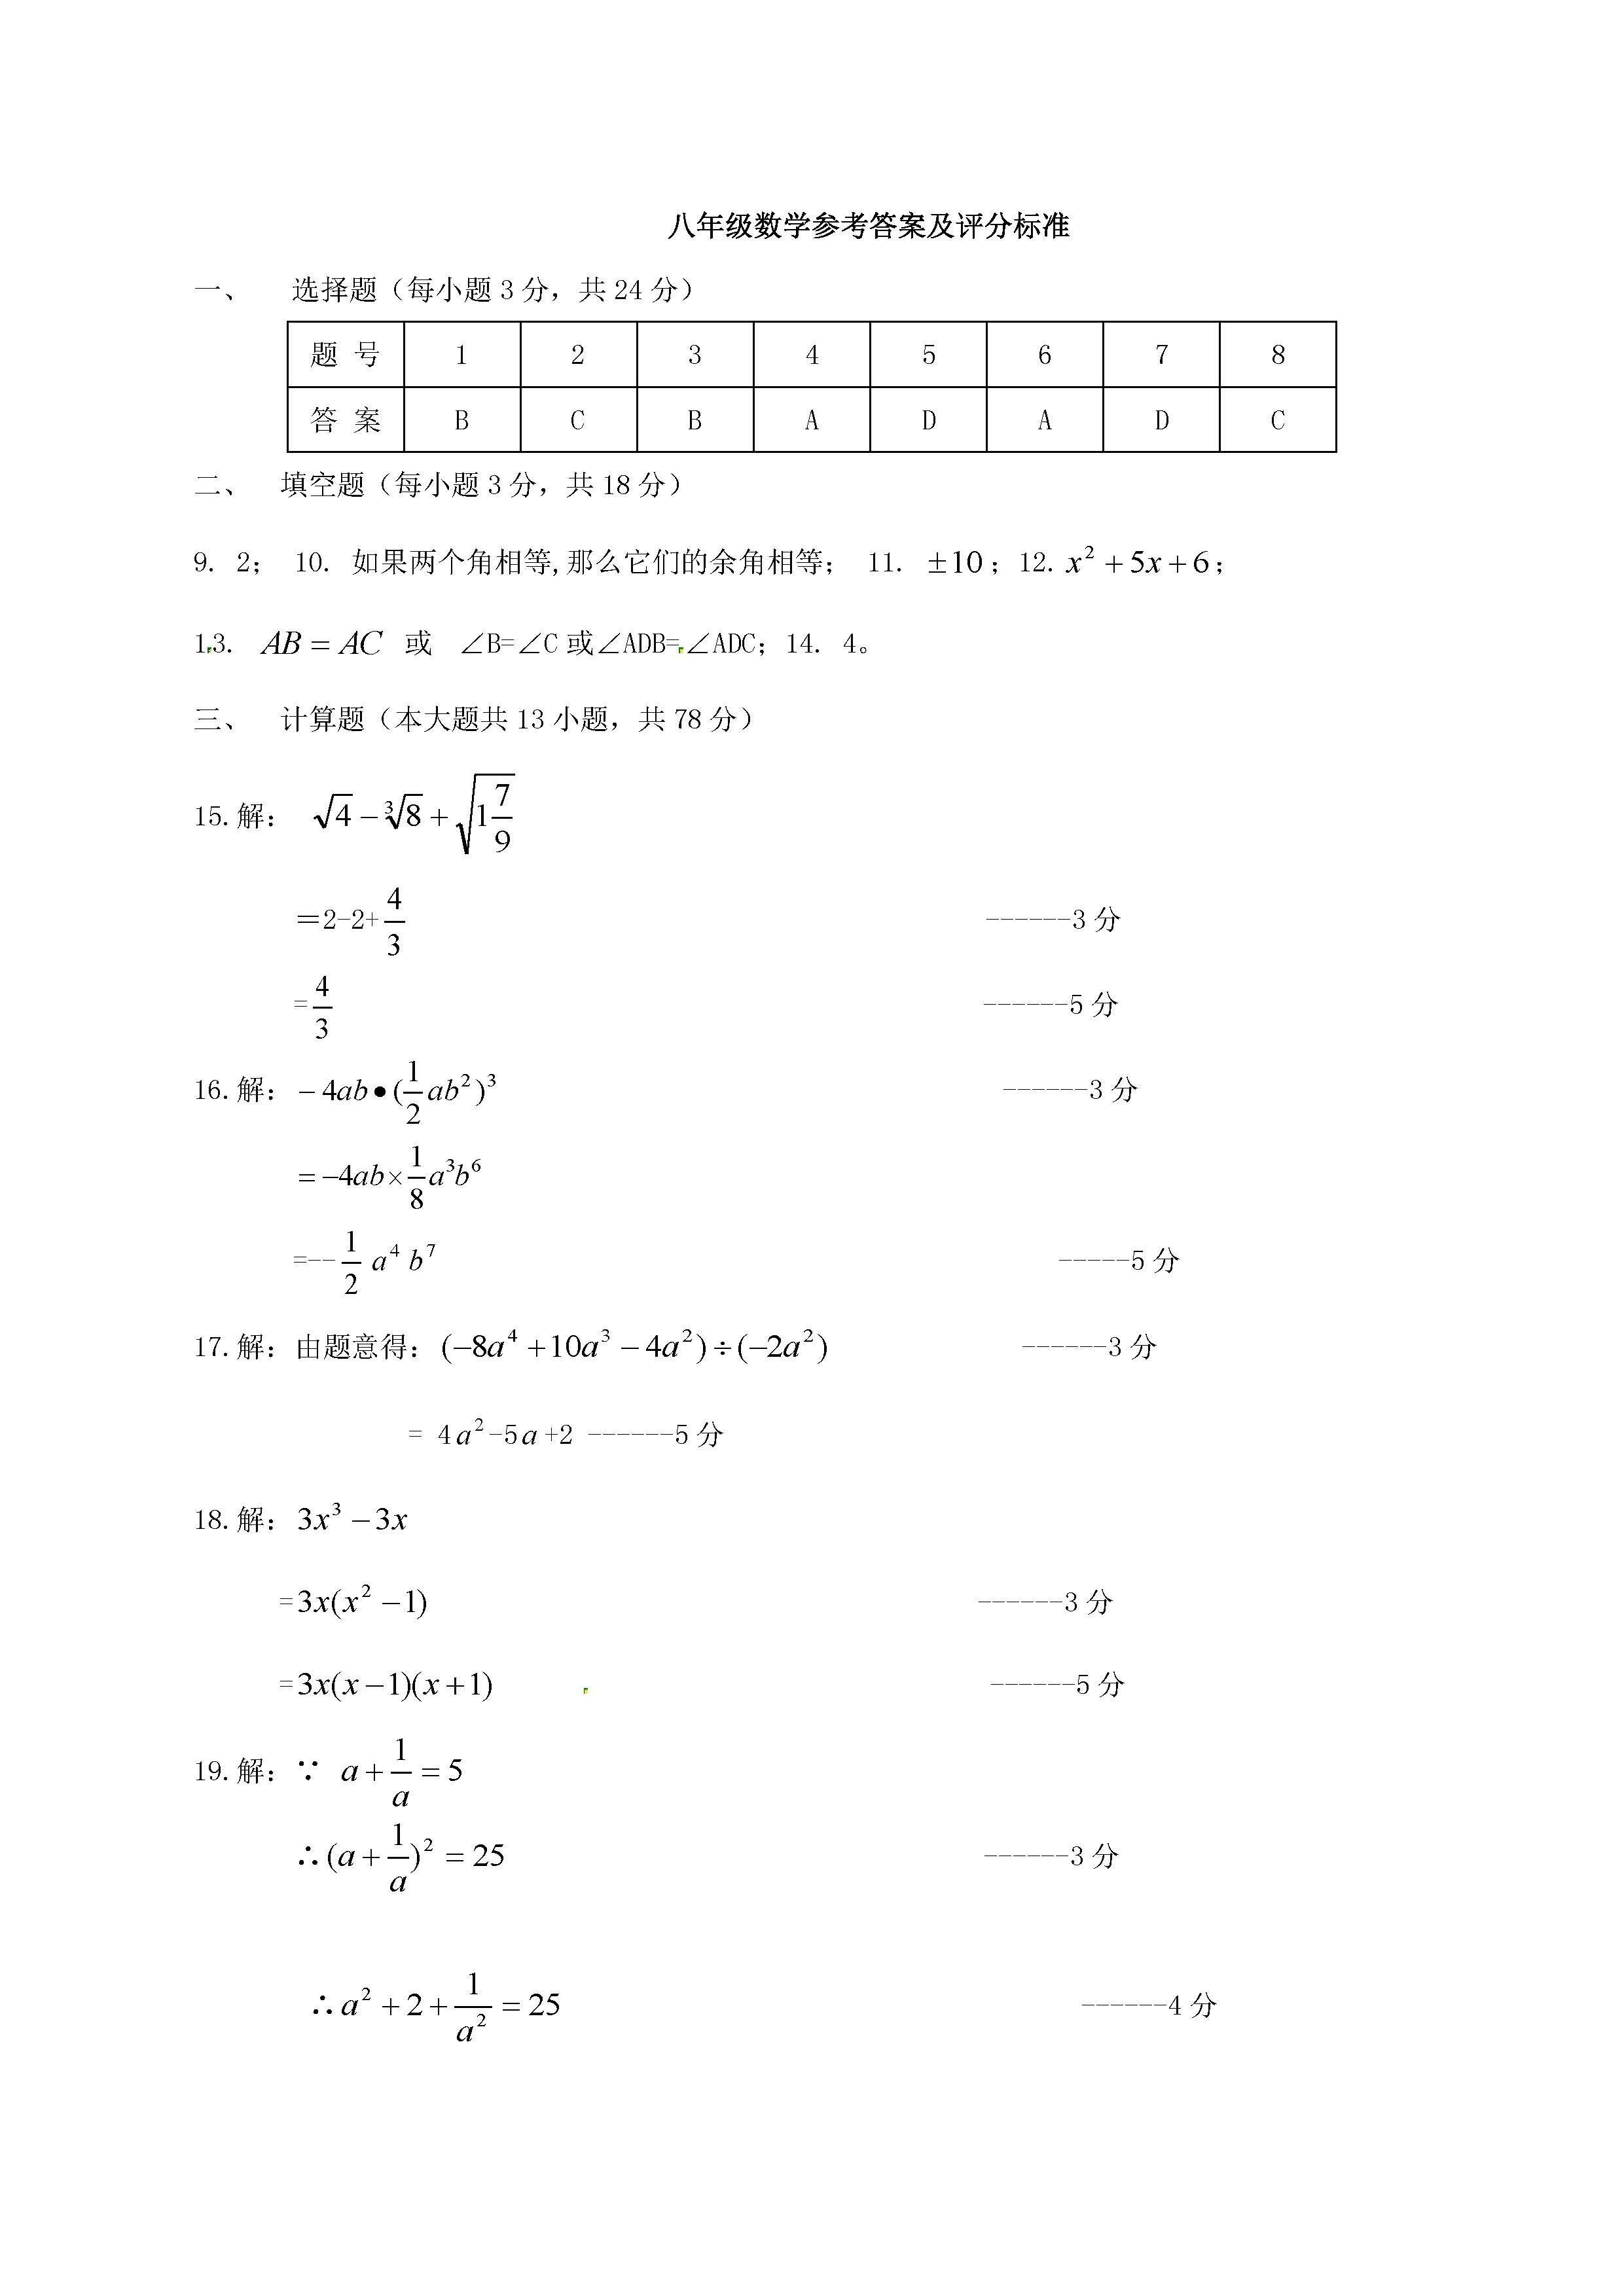 2016长春九台区八年级上期中数学质量检测参考答案(图片版)